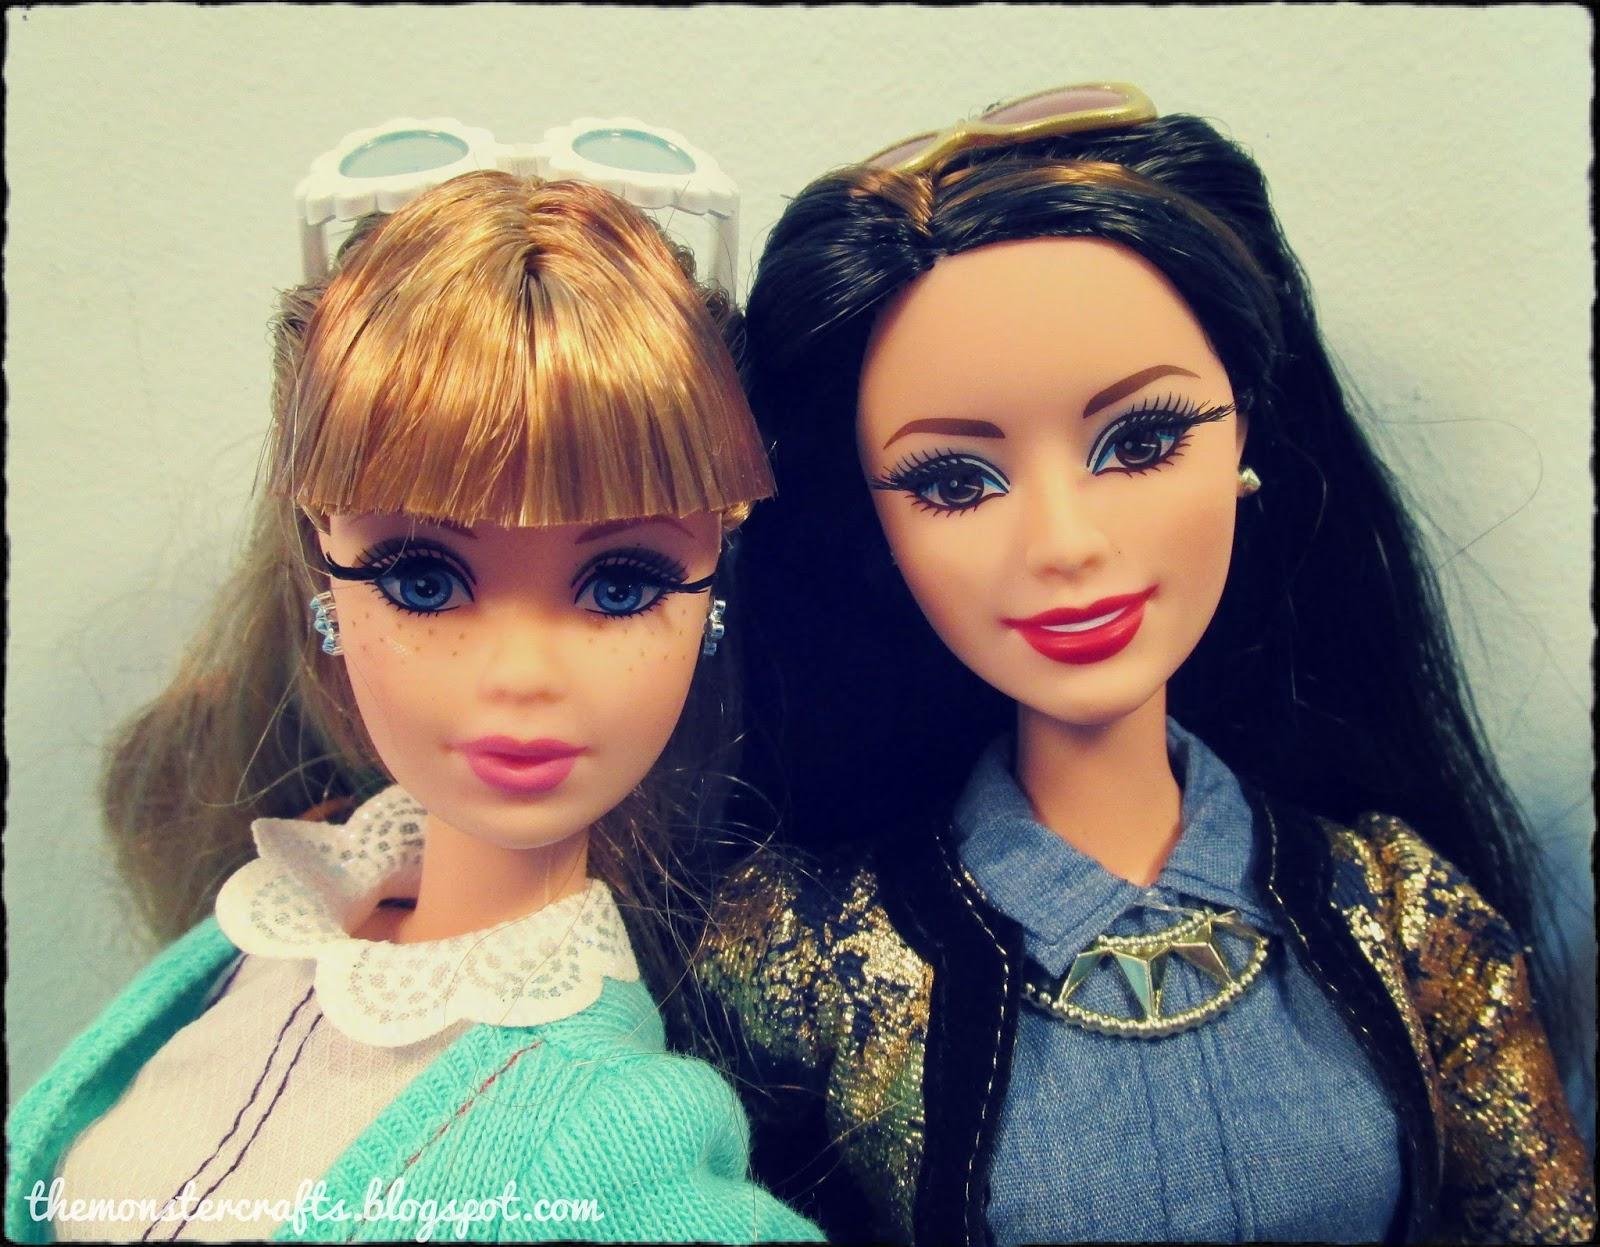 Style luxe Midge and Raquelle